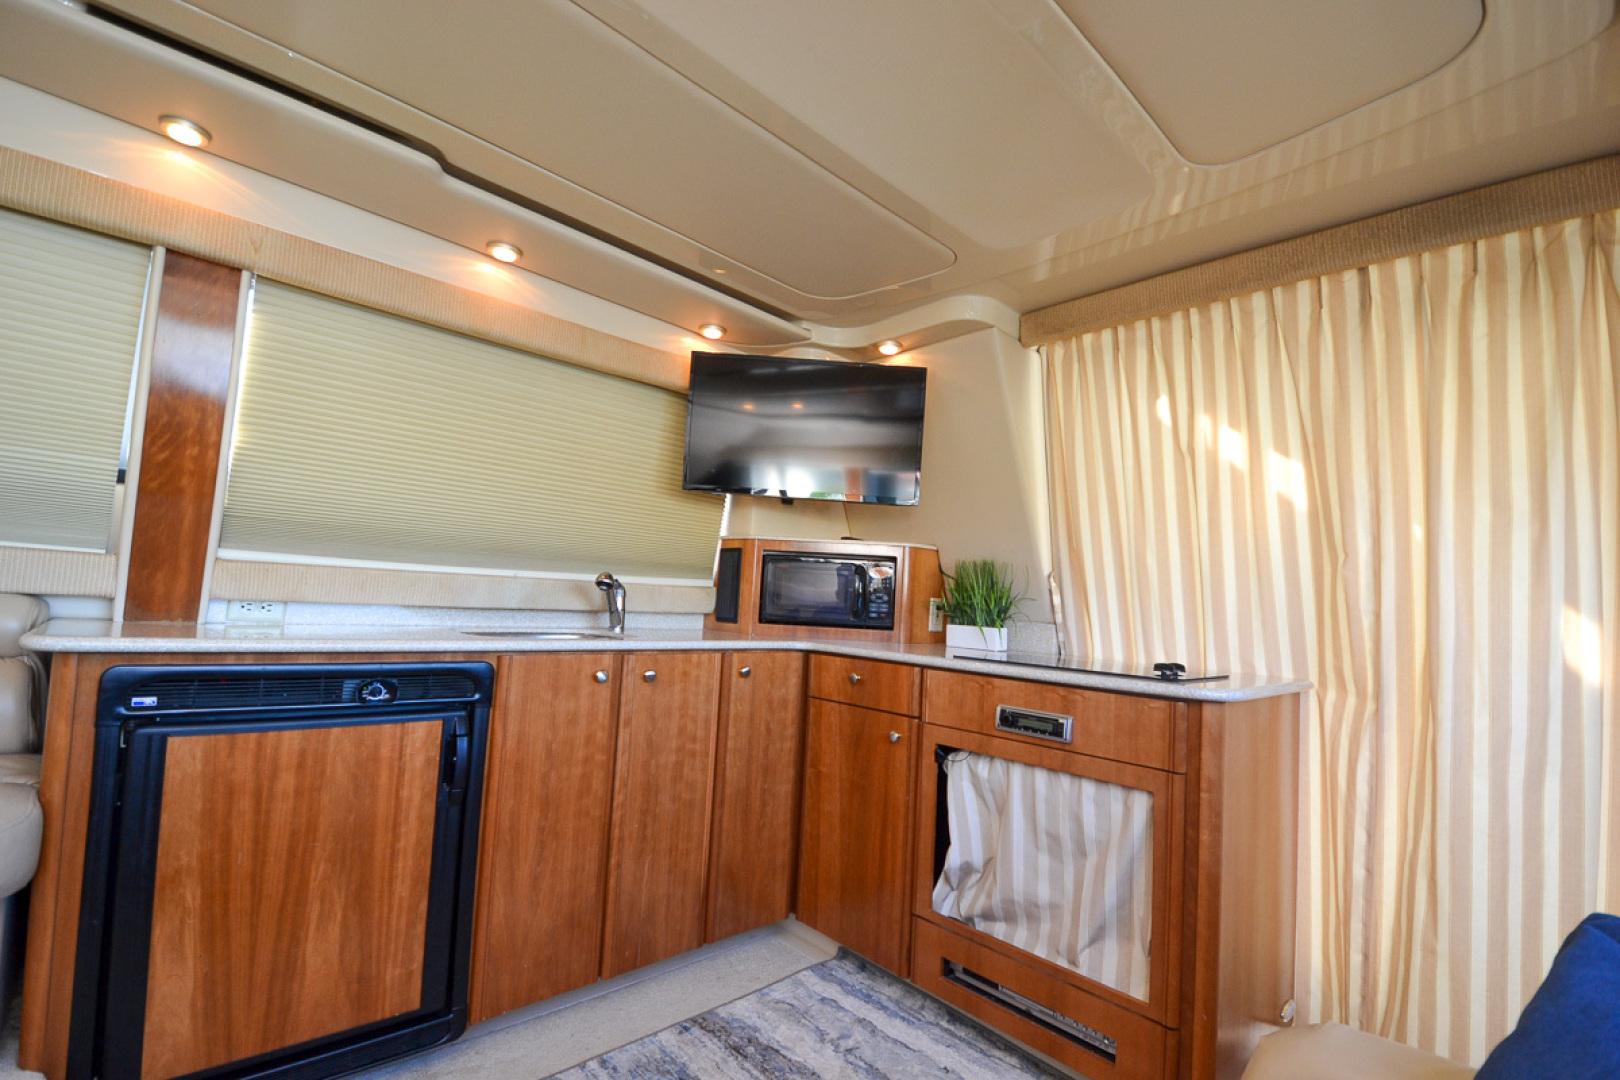 Meridian-341 Sedan 2004-Sea Harmony Belleair Beach-Florida-United States-1496644 | Thumbnail